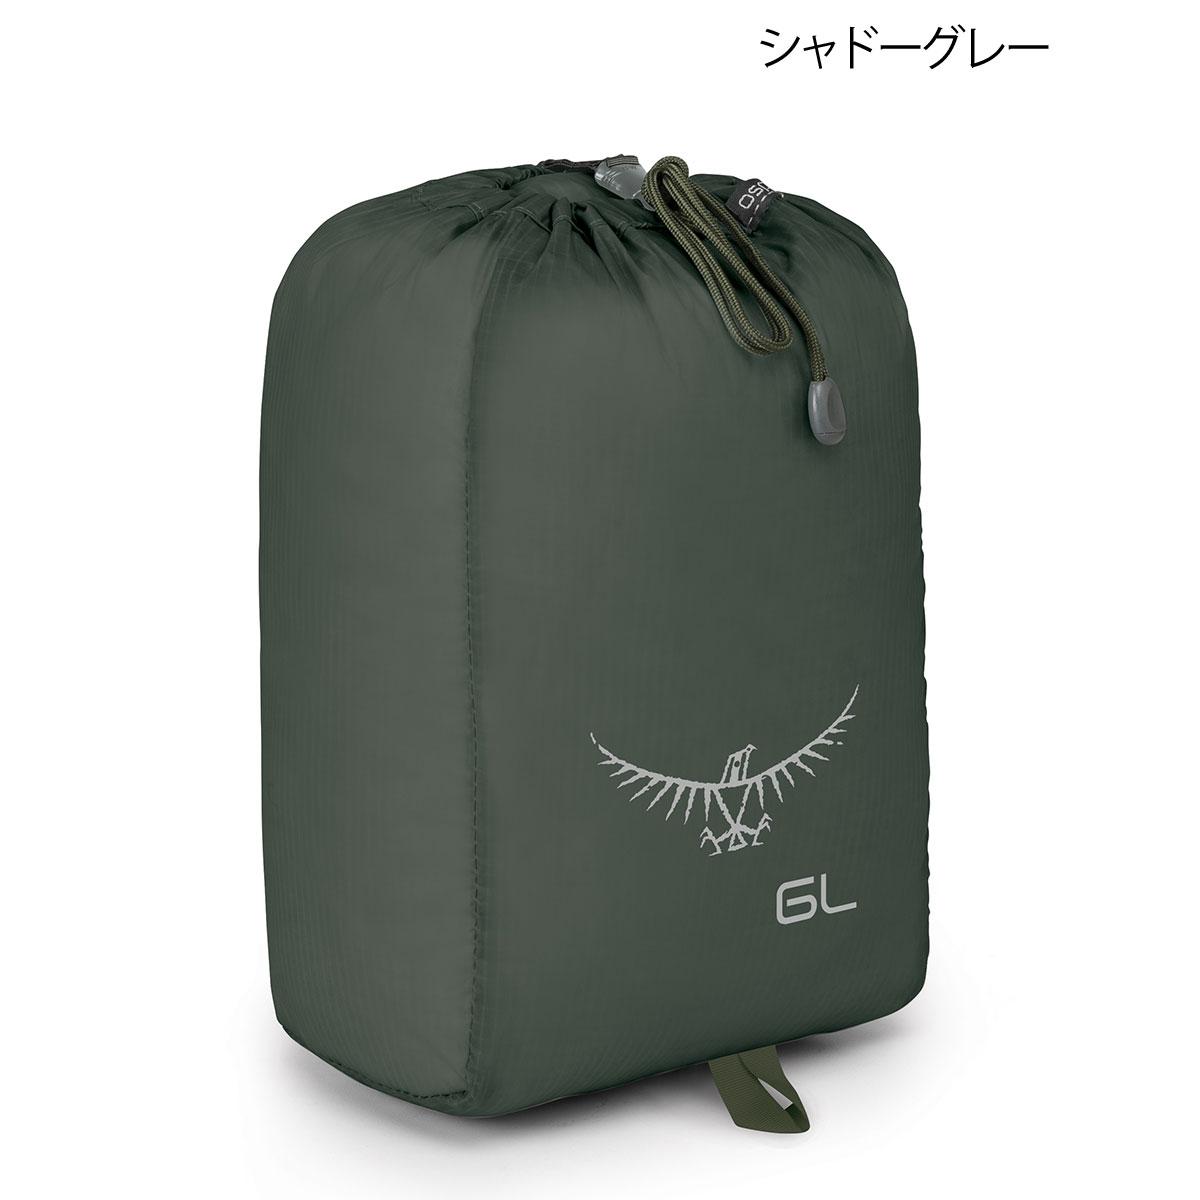 ○オスプレー・ULスタッフサック 6